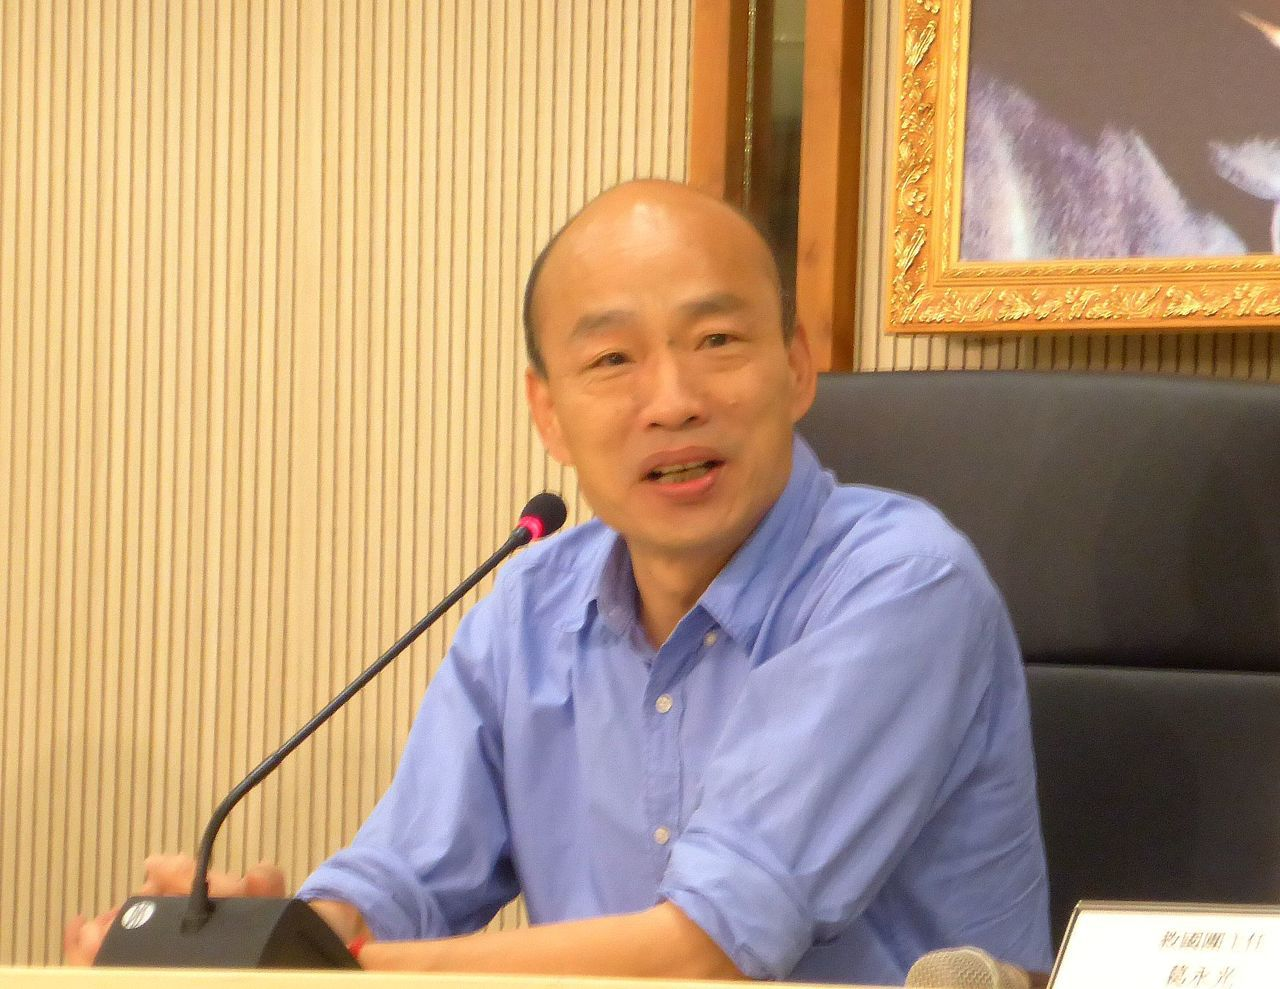 高雄市長韓國瑜今天上午接見日本賓客,遲了25分鐘,他表示因一早趕到郊區,有跟日本...